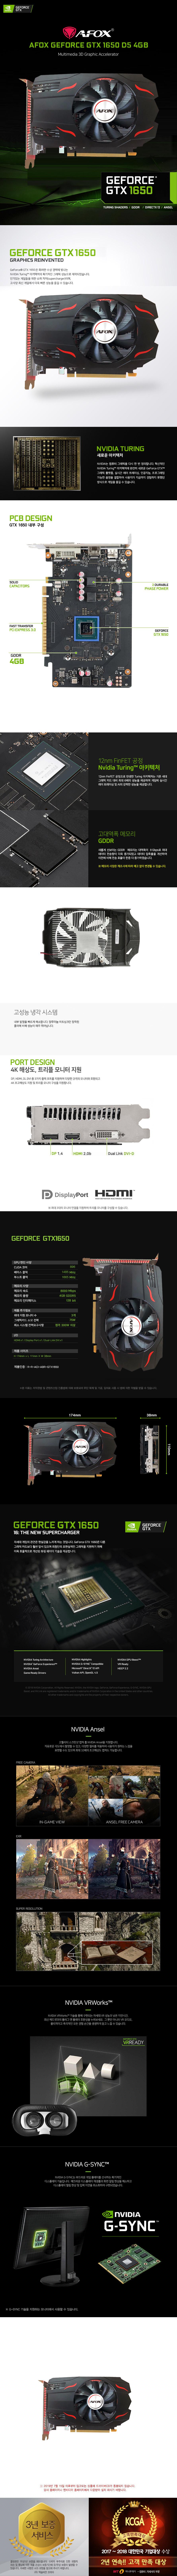 AFOX-지포스-GTX1650_bulk_DB_191104.jpg